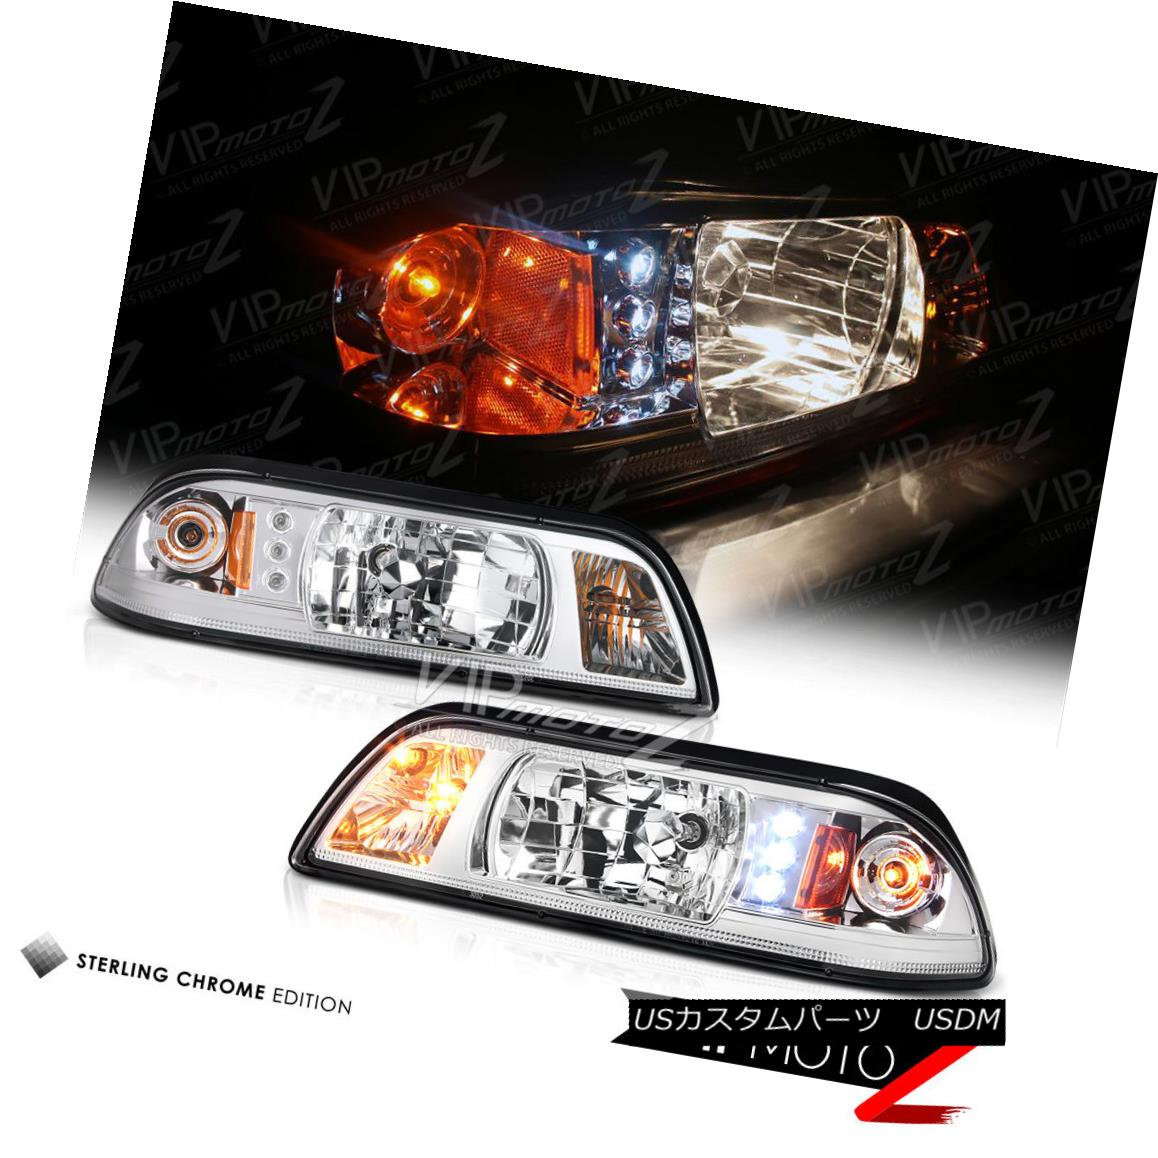 ヘッドライト Left+Right 1PC LED Chrome Headlight Signal Lamp 1987-1993 Ford Mustang GT V8 左+右1PC LEDクロームヘッドライト信号ランプ1987-1993 Ford Mustang GT V8